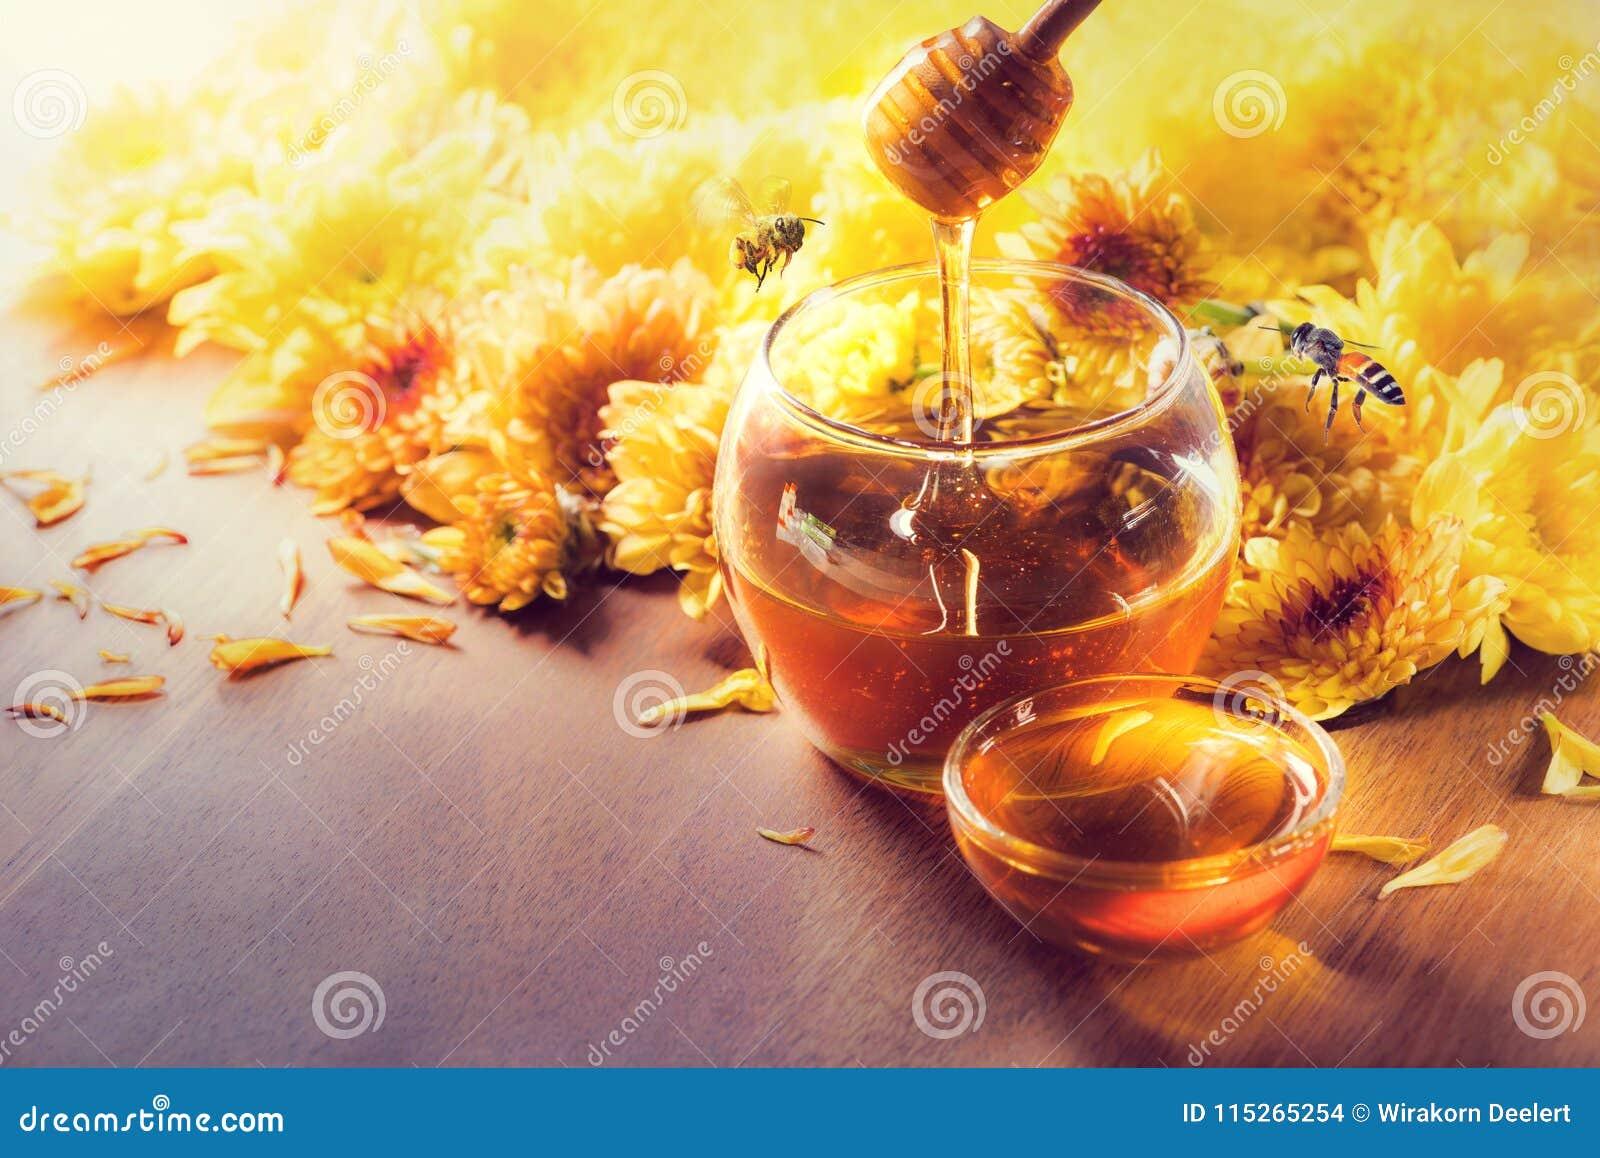 Miel en el tarro de cristal con el vuelo y las flores de la abeja en un piso de madera